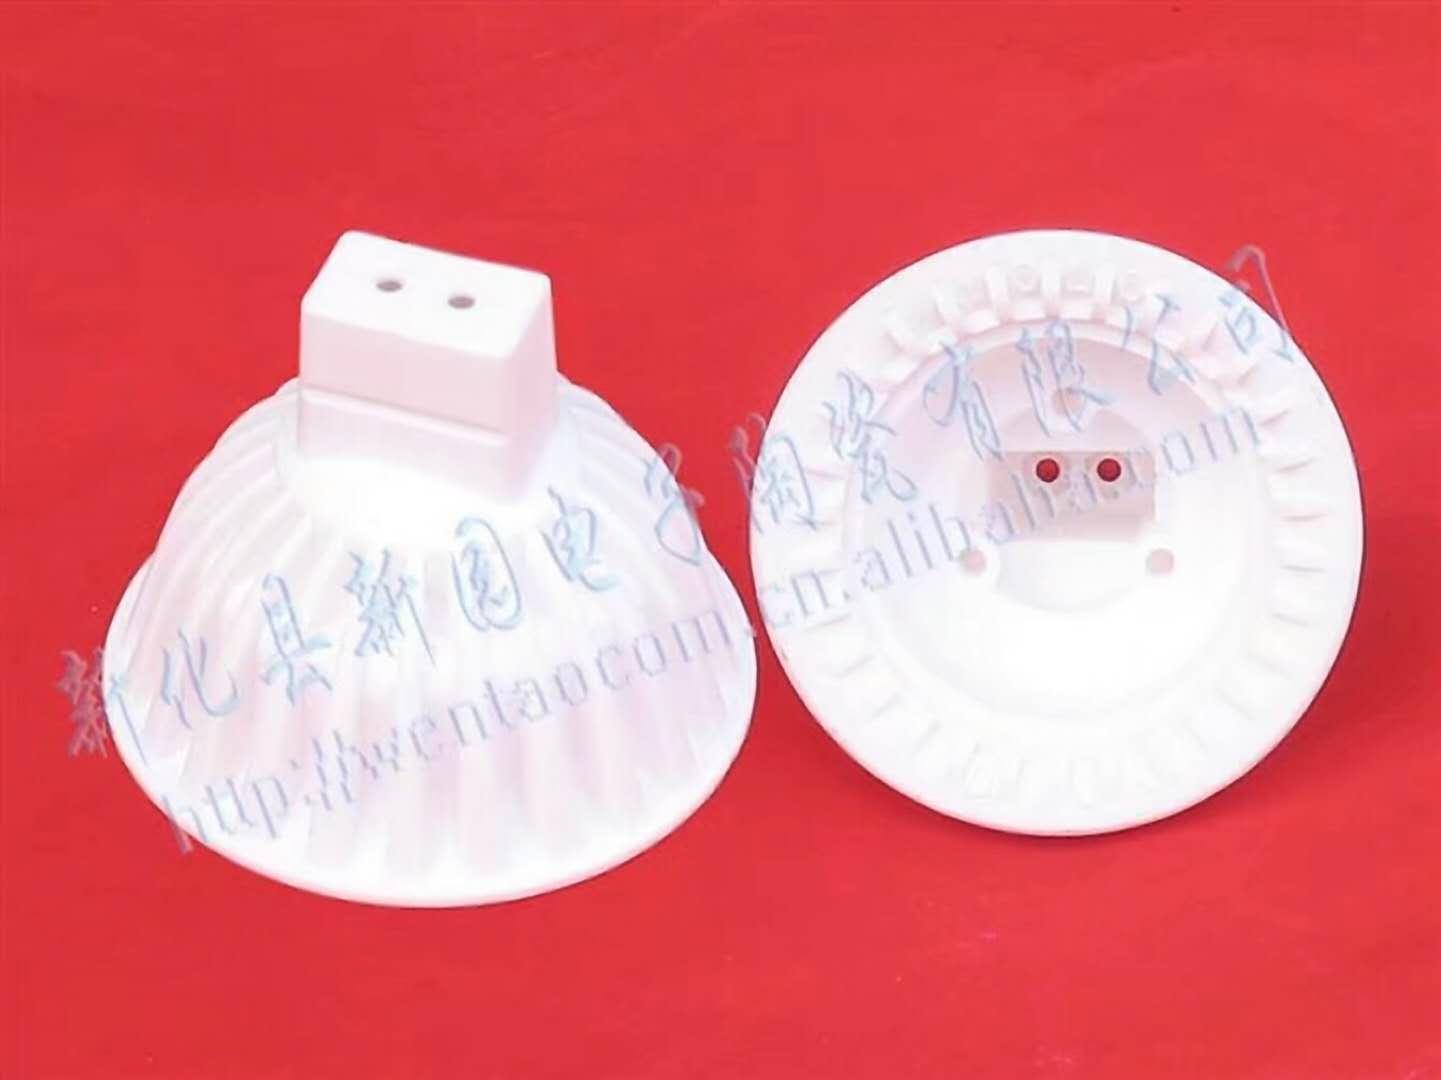 LED陶瓷灯座供货商-怎样才能买到高质量的LED陶瓷灯座